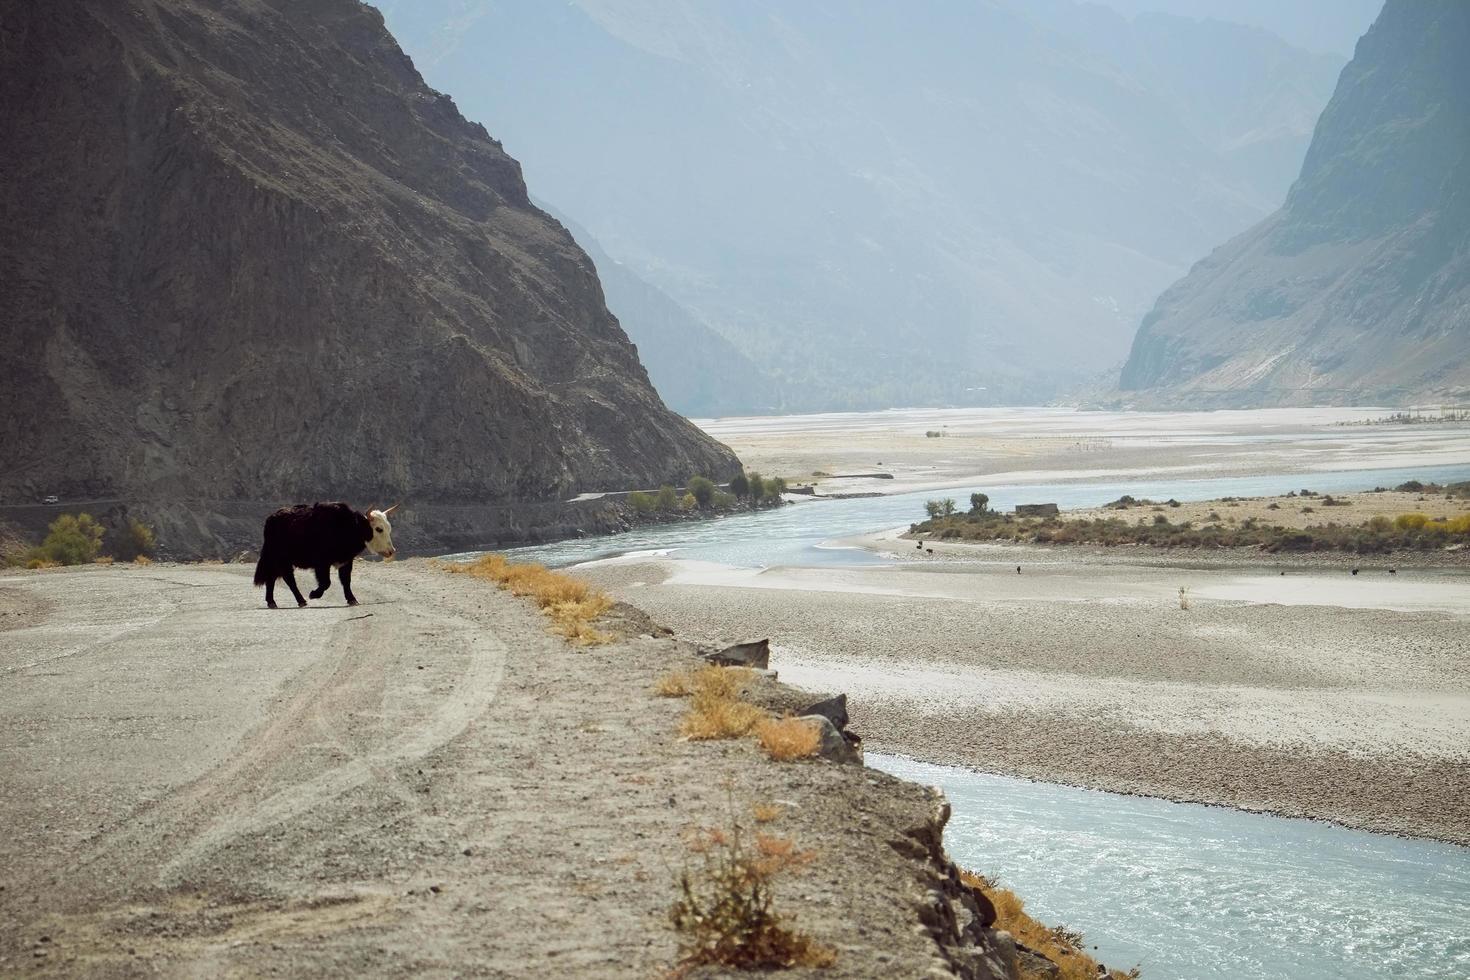 Rivière qui coule à travers une zone montagneuse à Skardu, Pakistan photo